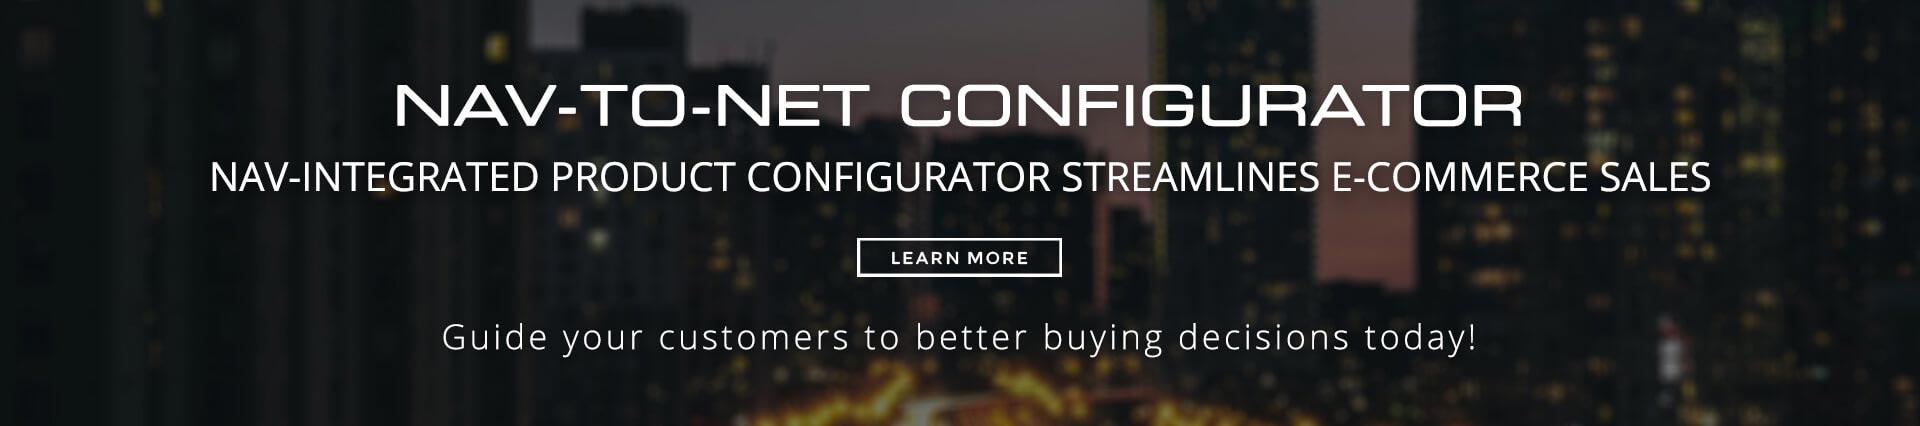 Nav-to-Net Configurator Feature